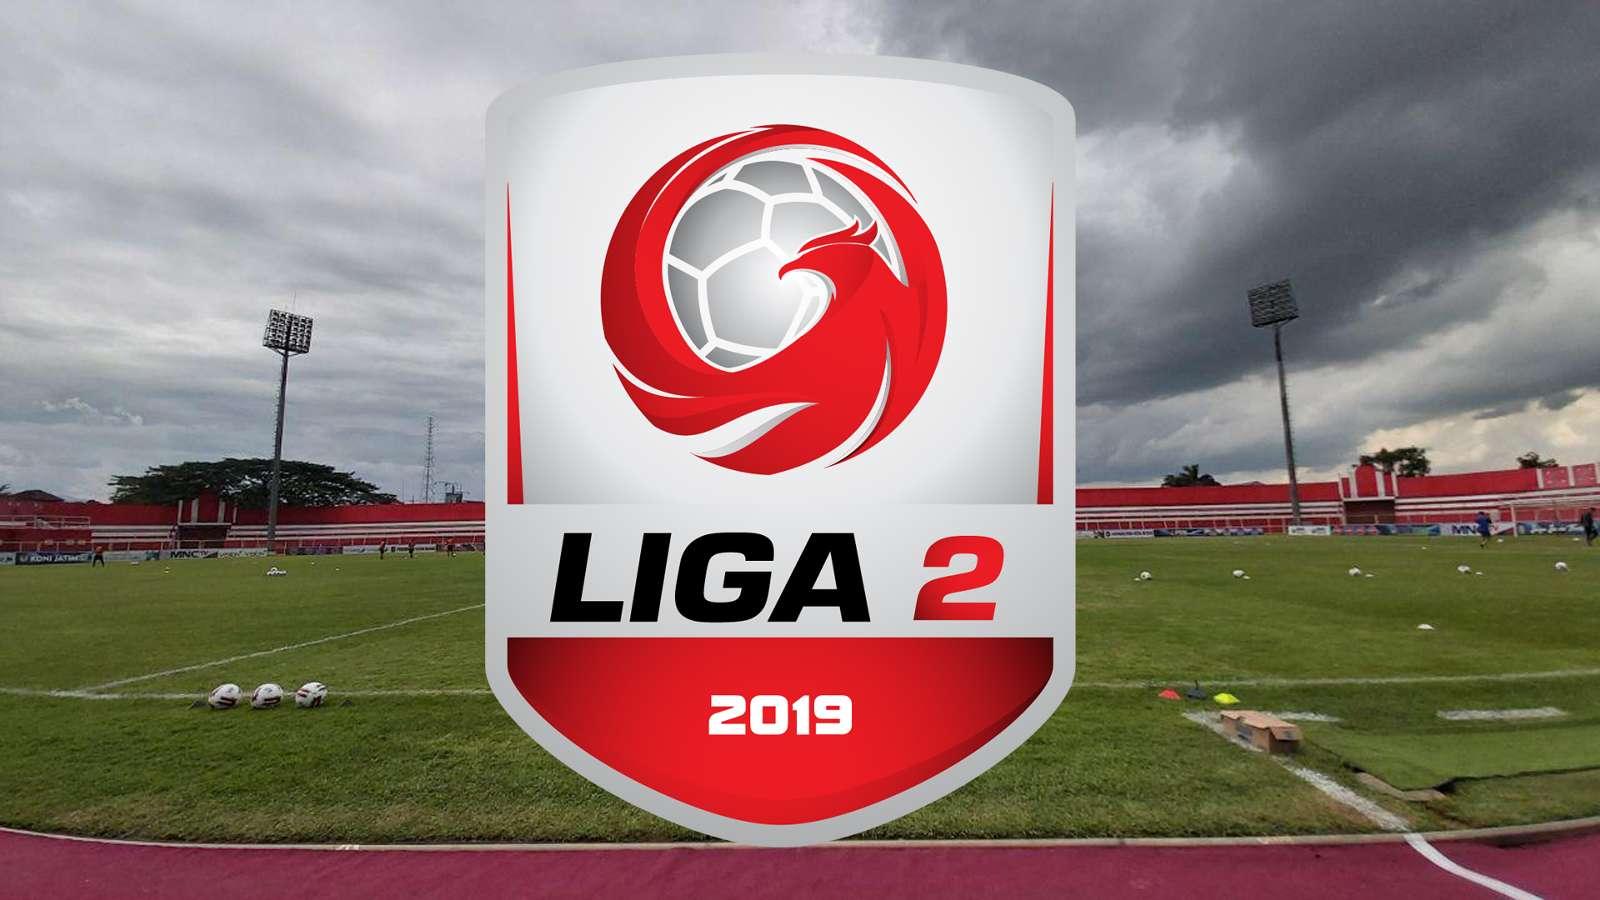 Tambah Pemasukan, Klub Liga 2 2020 Jual Beras